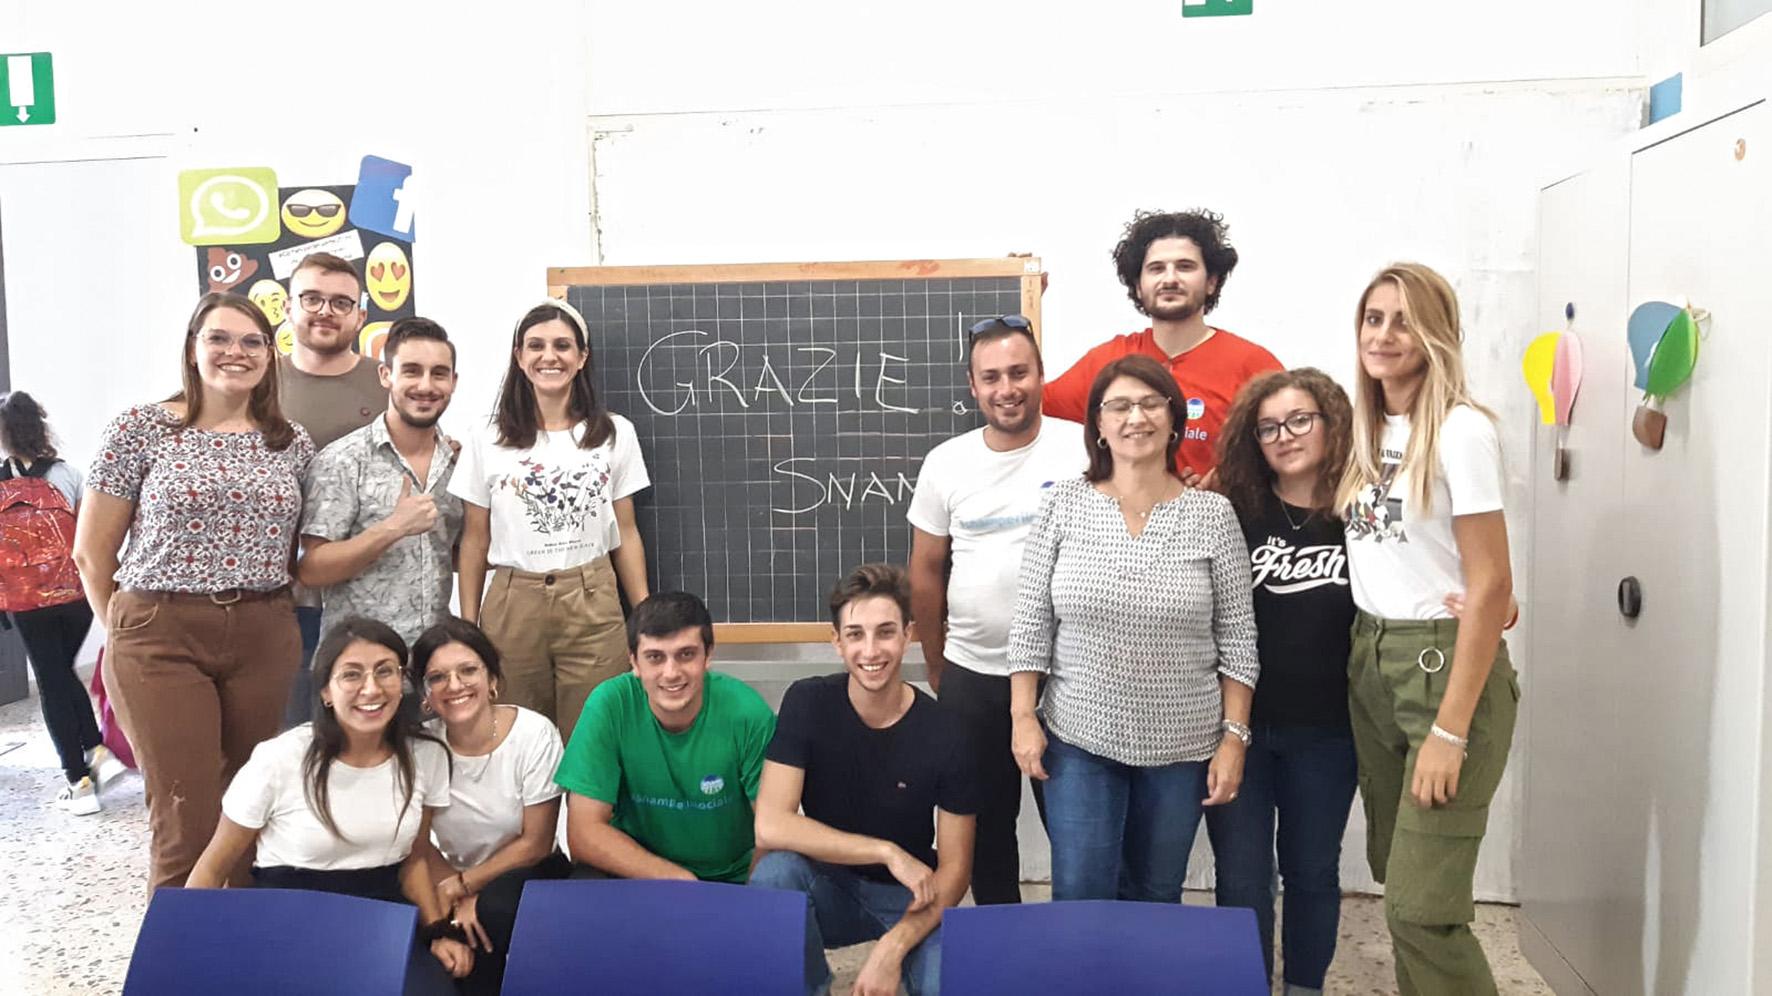 Dipendenti Snam volontari per un giorno alla Fondazione San Vito: raccolta di olive e doposcuola